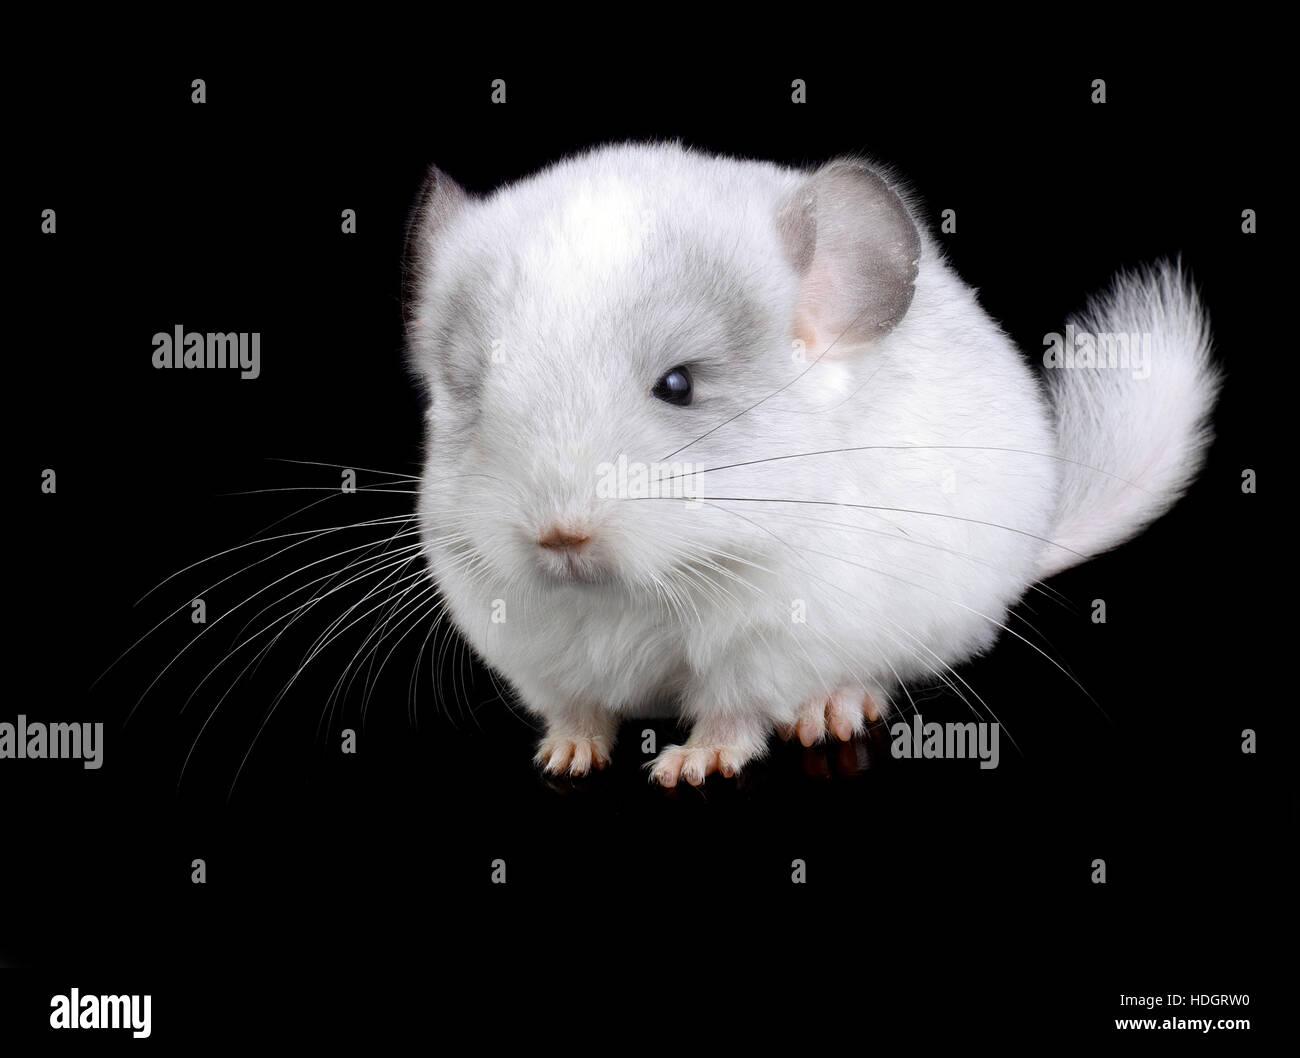 White baby ebonite chinchilla on black background. - Stock Image